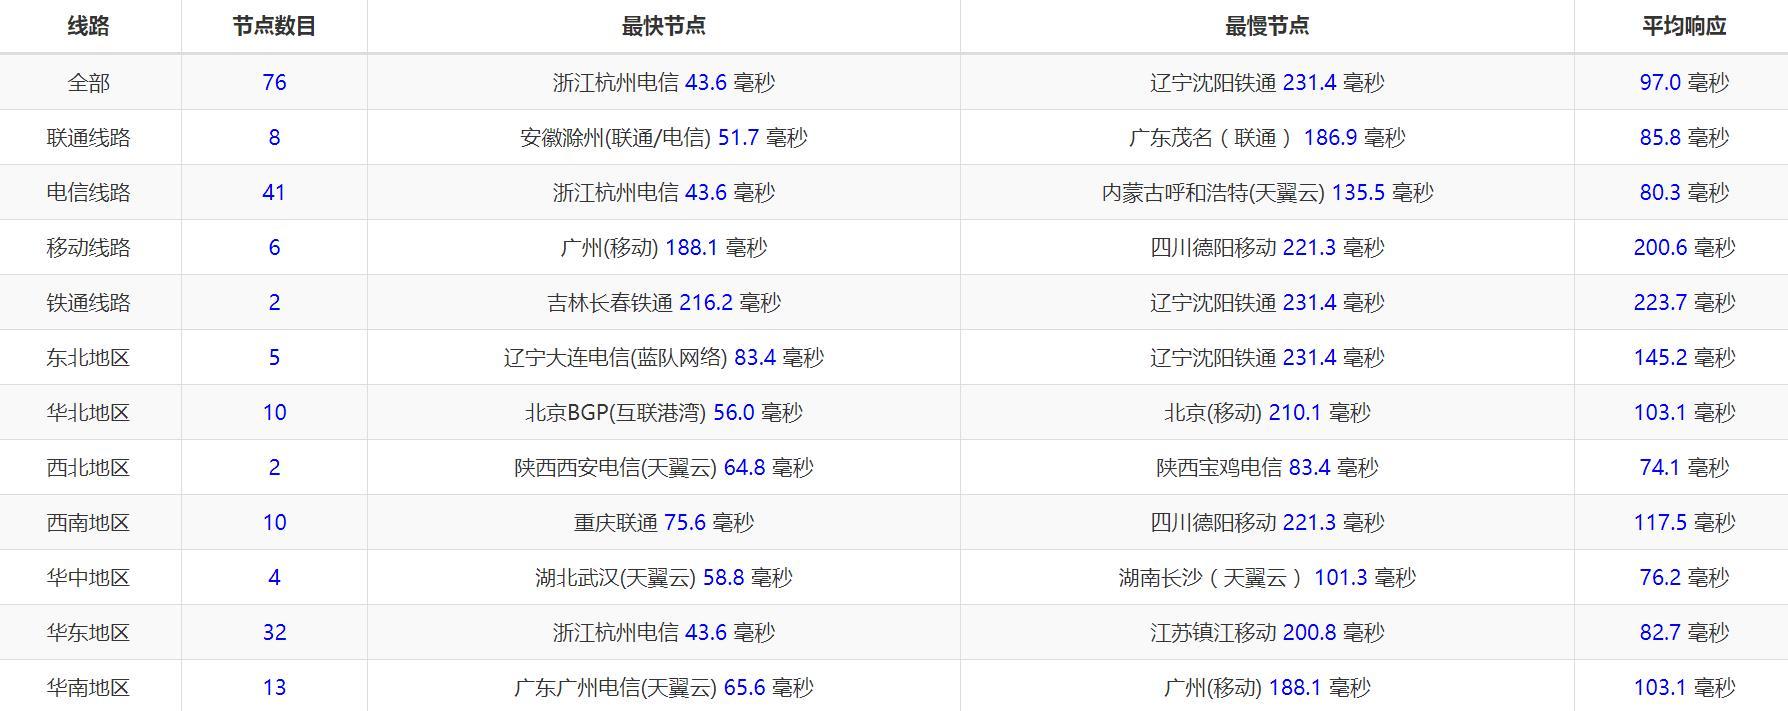 HostKvm-jp-ping.jpg